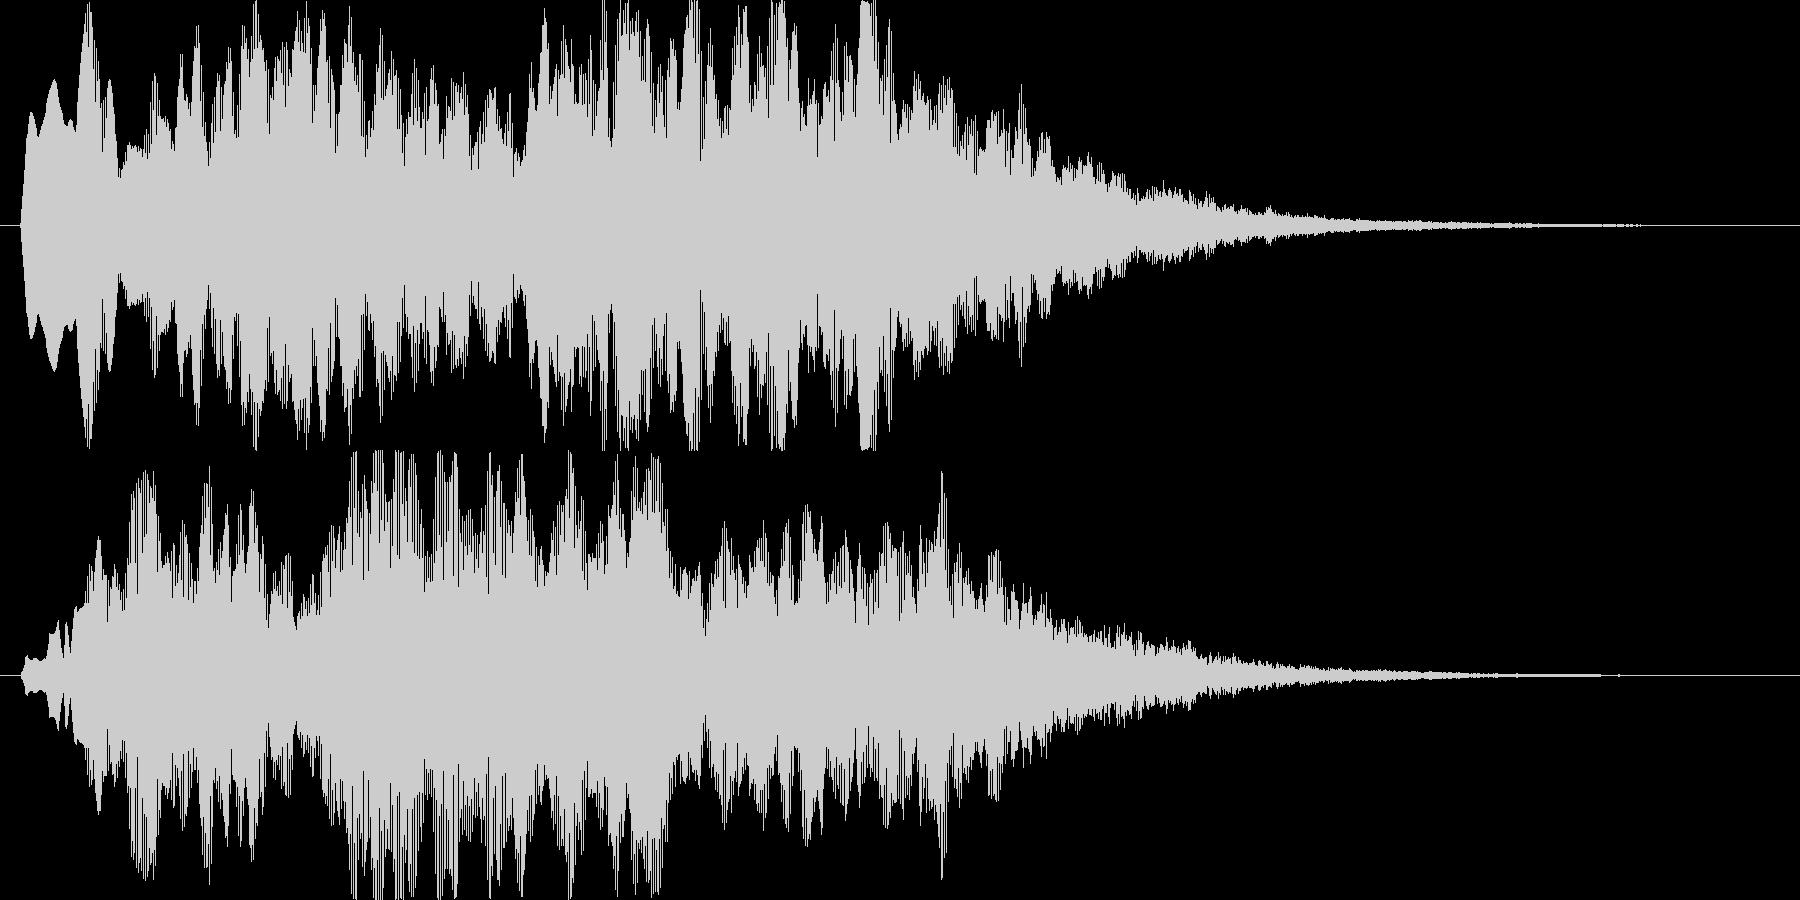 ふわふわ、シャラララと広がるような音の未再生の波形